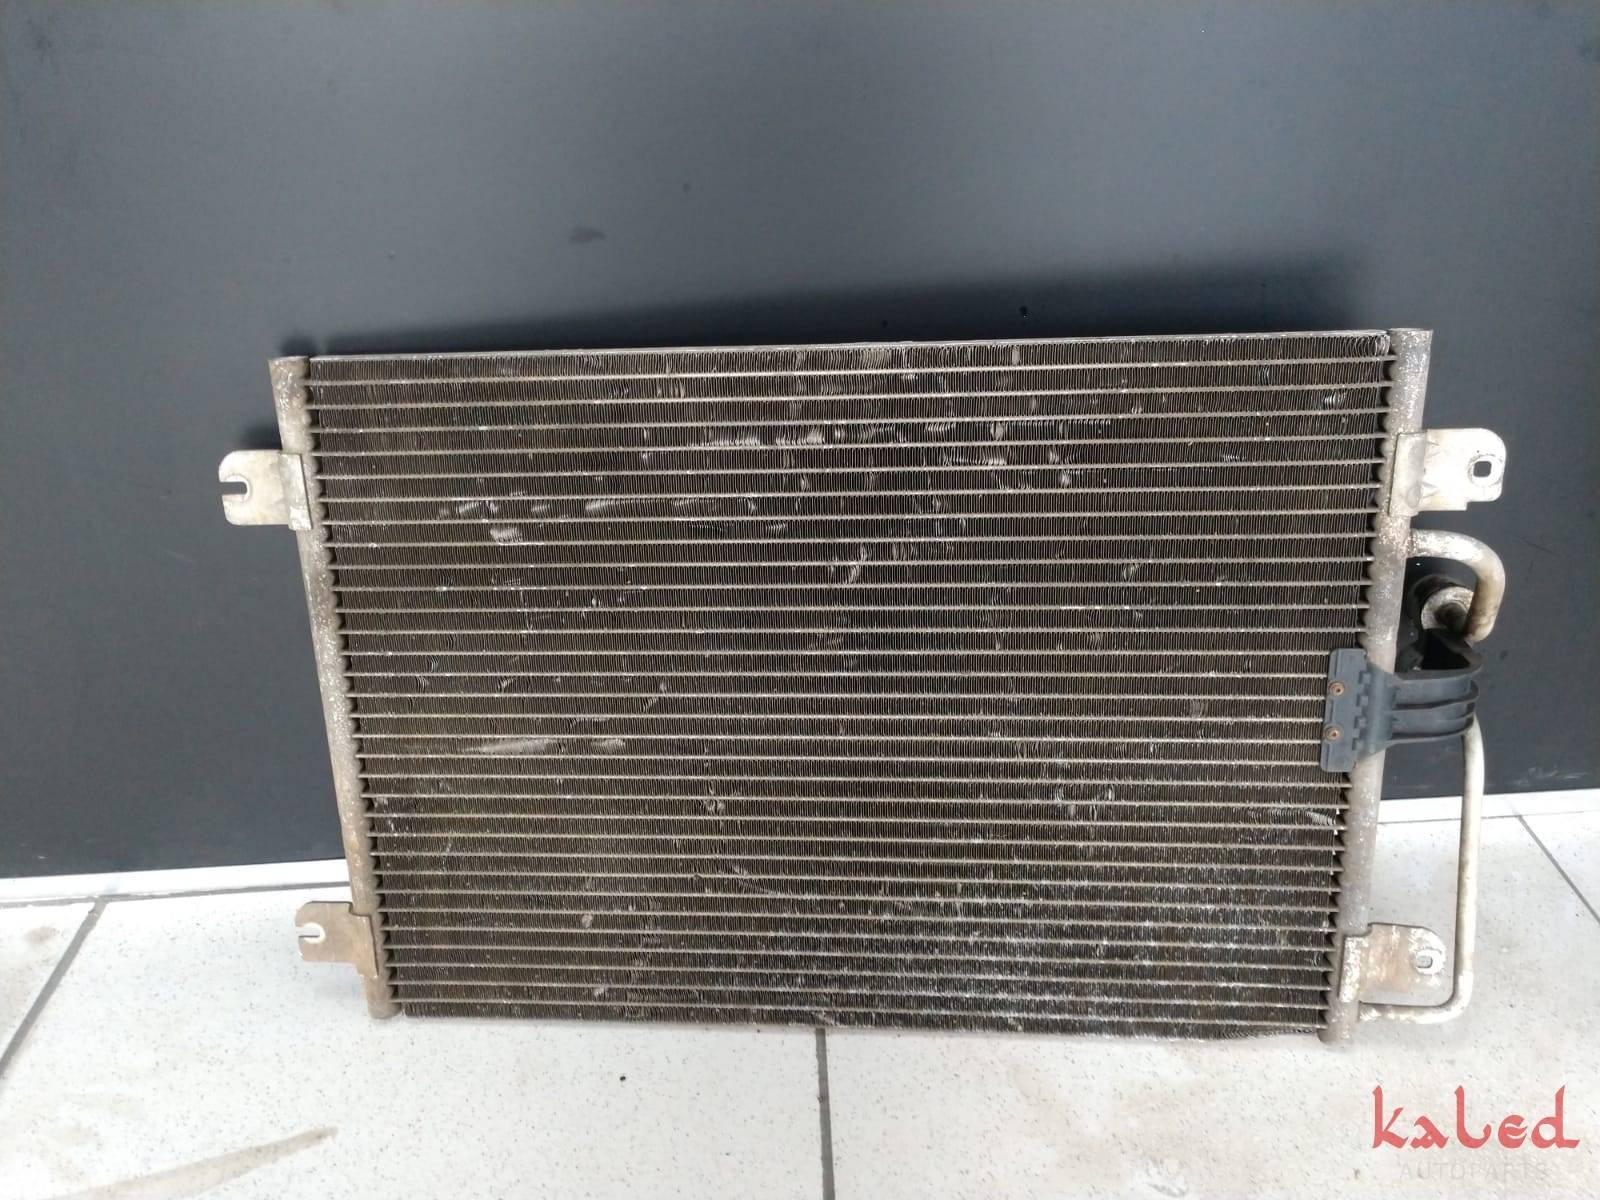 Condensador ar condicionado Renault Scenic 2001/2006  - Kaled Auto Parts